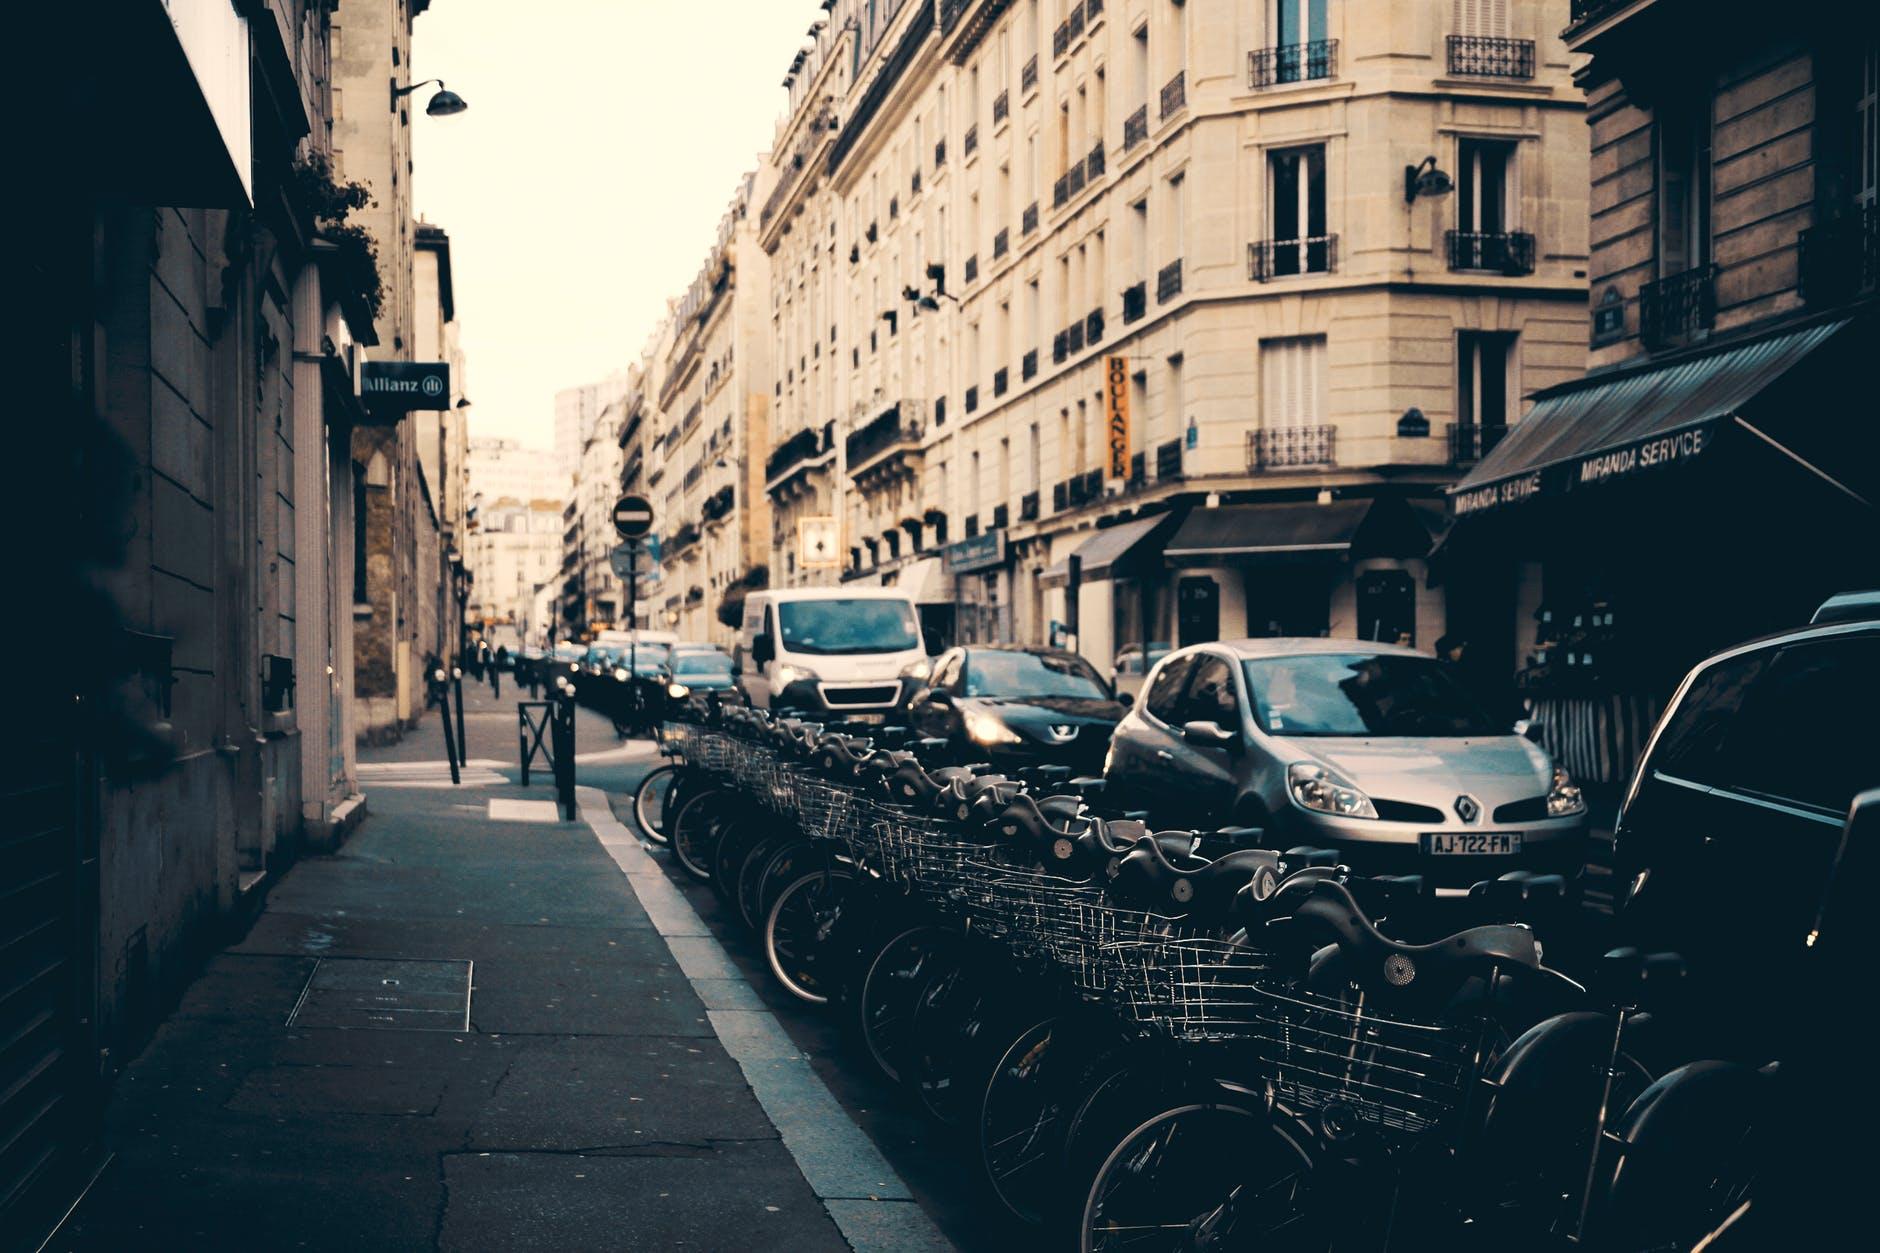 smart parking revenue